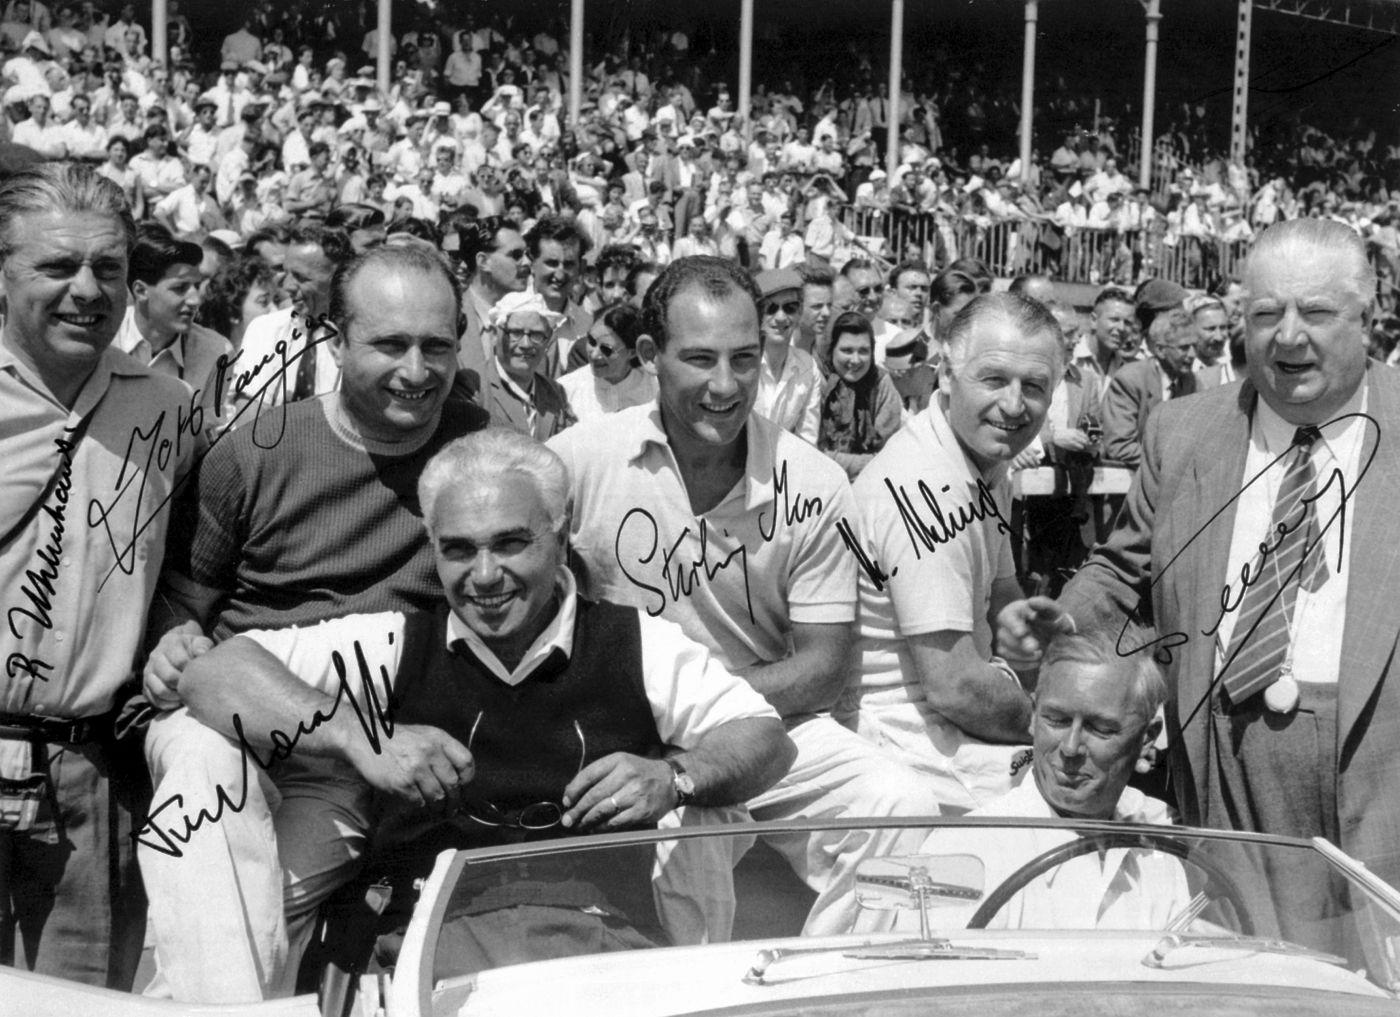 Sir Stirling Moss Juan-Manuel Fangio Alfred Neubauer 1955 Mercedes-Benz (4)